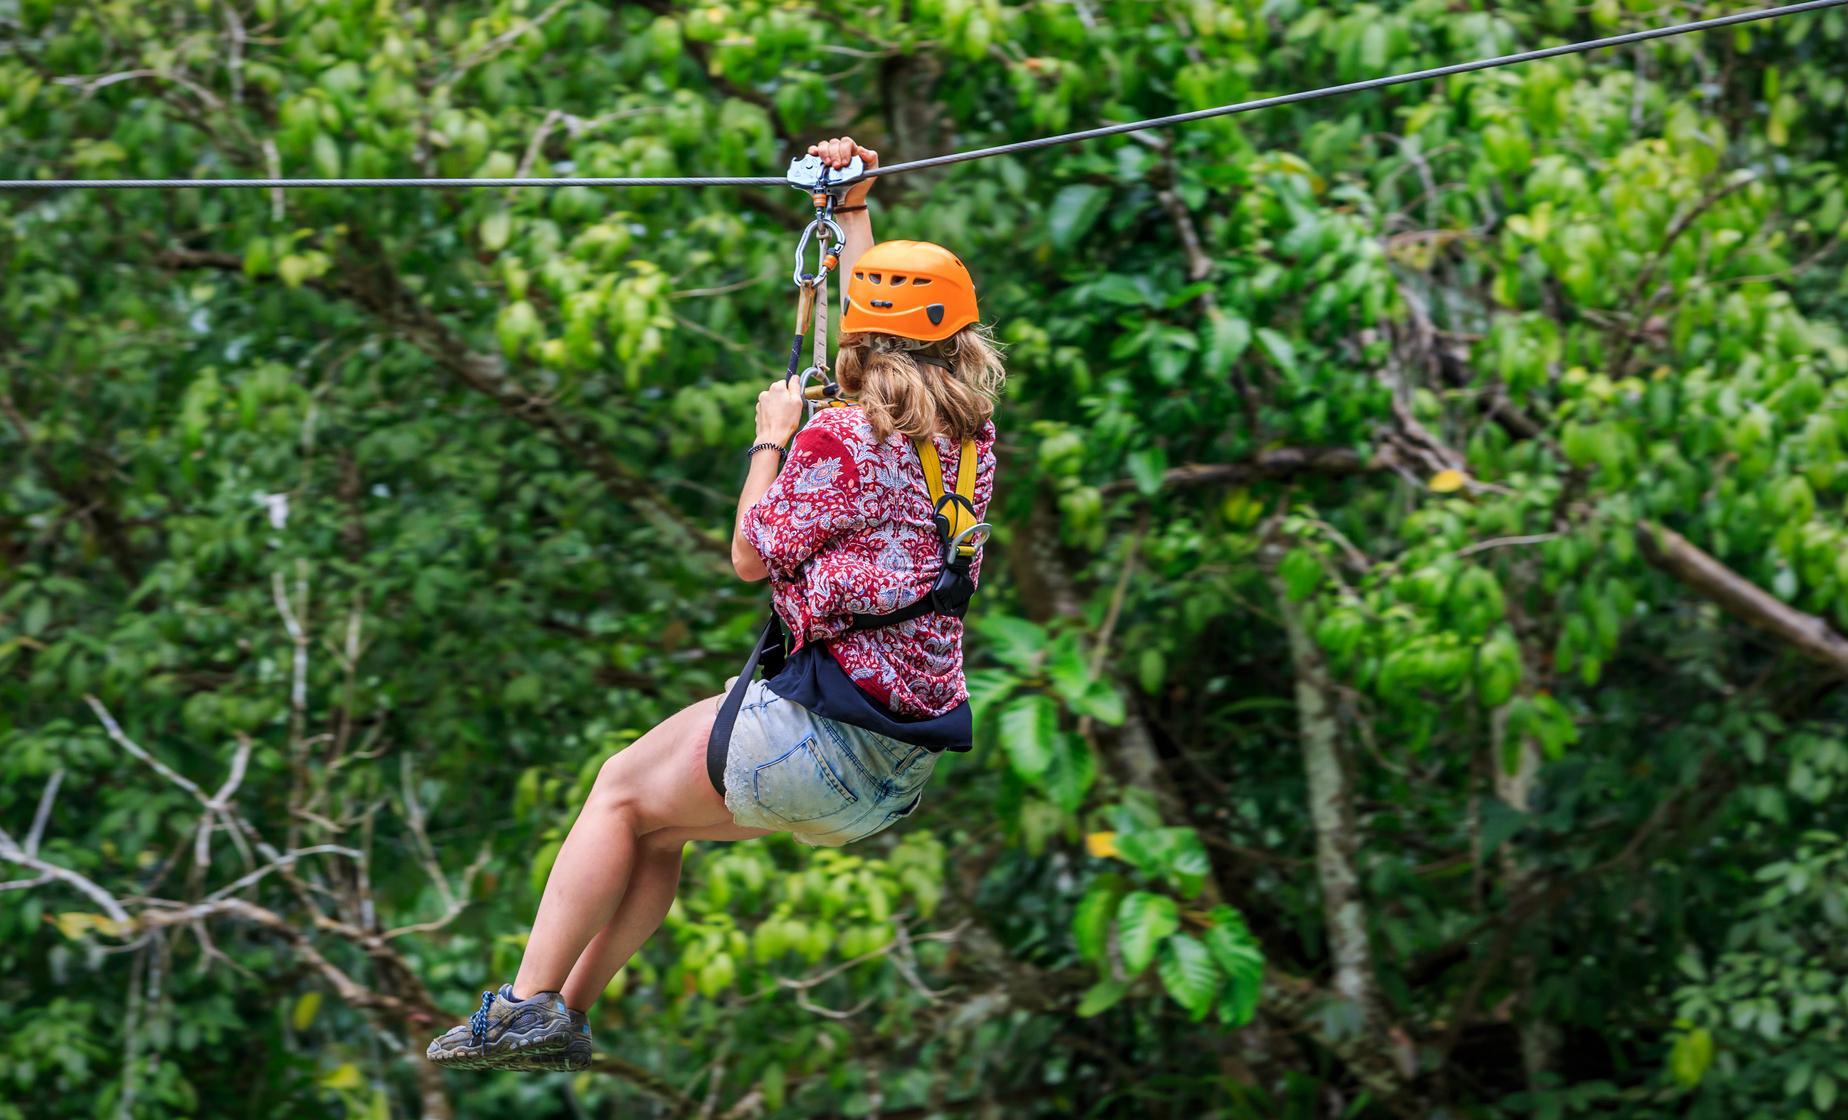 Antigua Canopy Zipline Tour